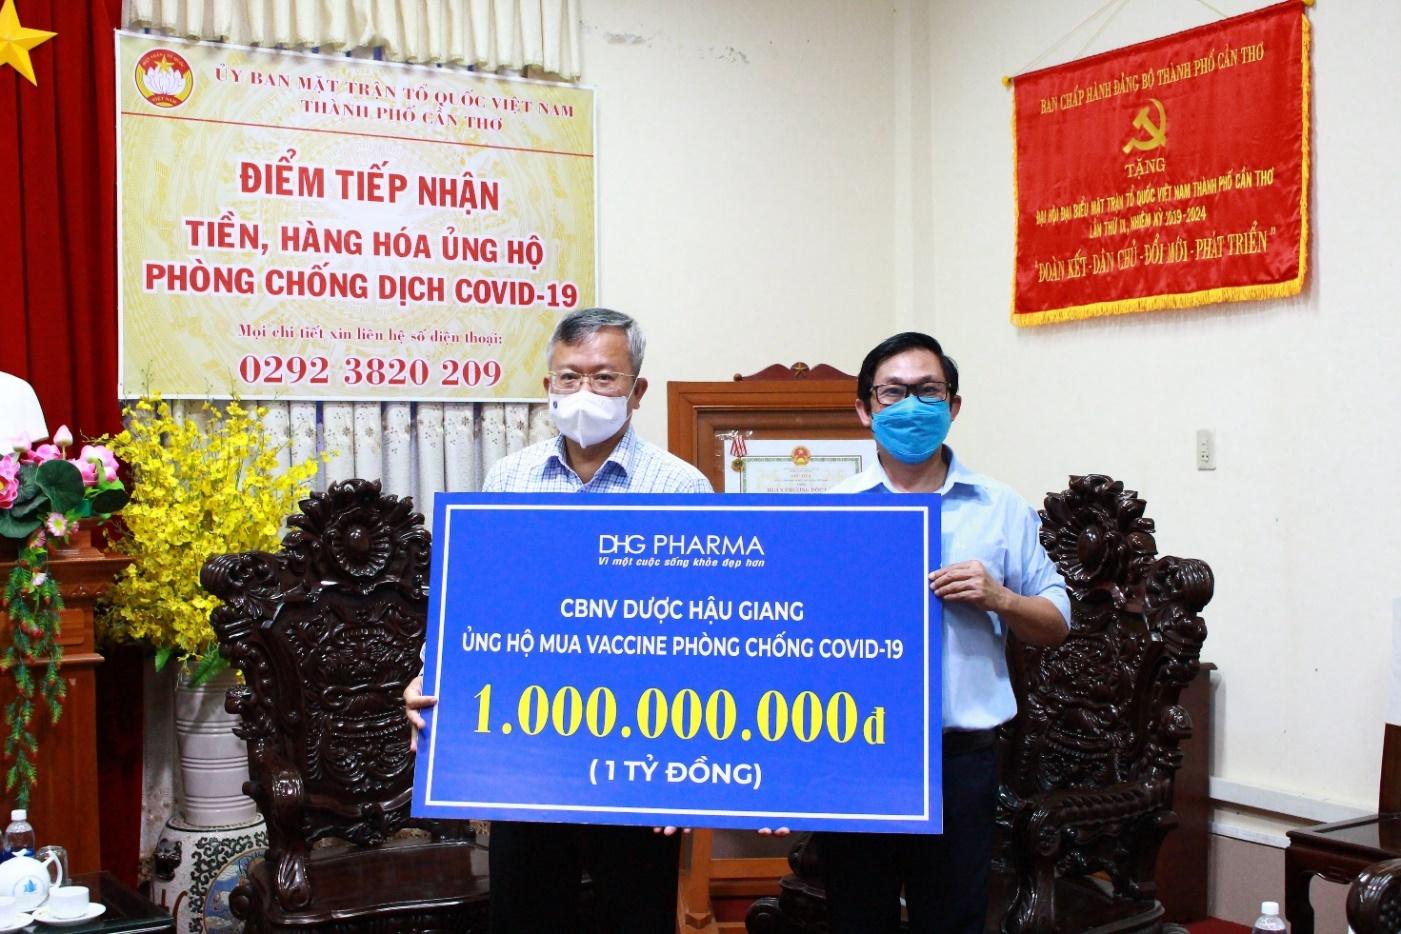 Ông Đoàn Đình Duy Khương – TGĐ Điều hành đại diện Dược Hậu Giang (bên phải) trao  tặng 1 tỷ đồng vào quỹ vaccine phòng Covid-19 cho ông Nguyễn Trung Nhân – Chủ tịch  UBMTTQ Việt Nam thành phố Cần Thơ.